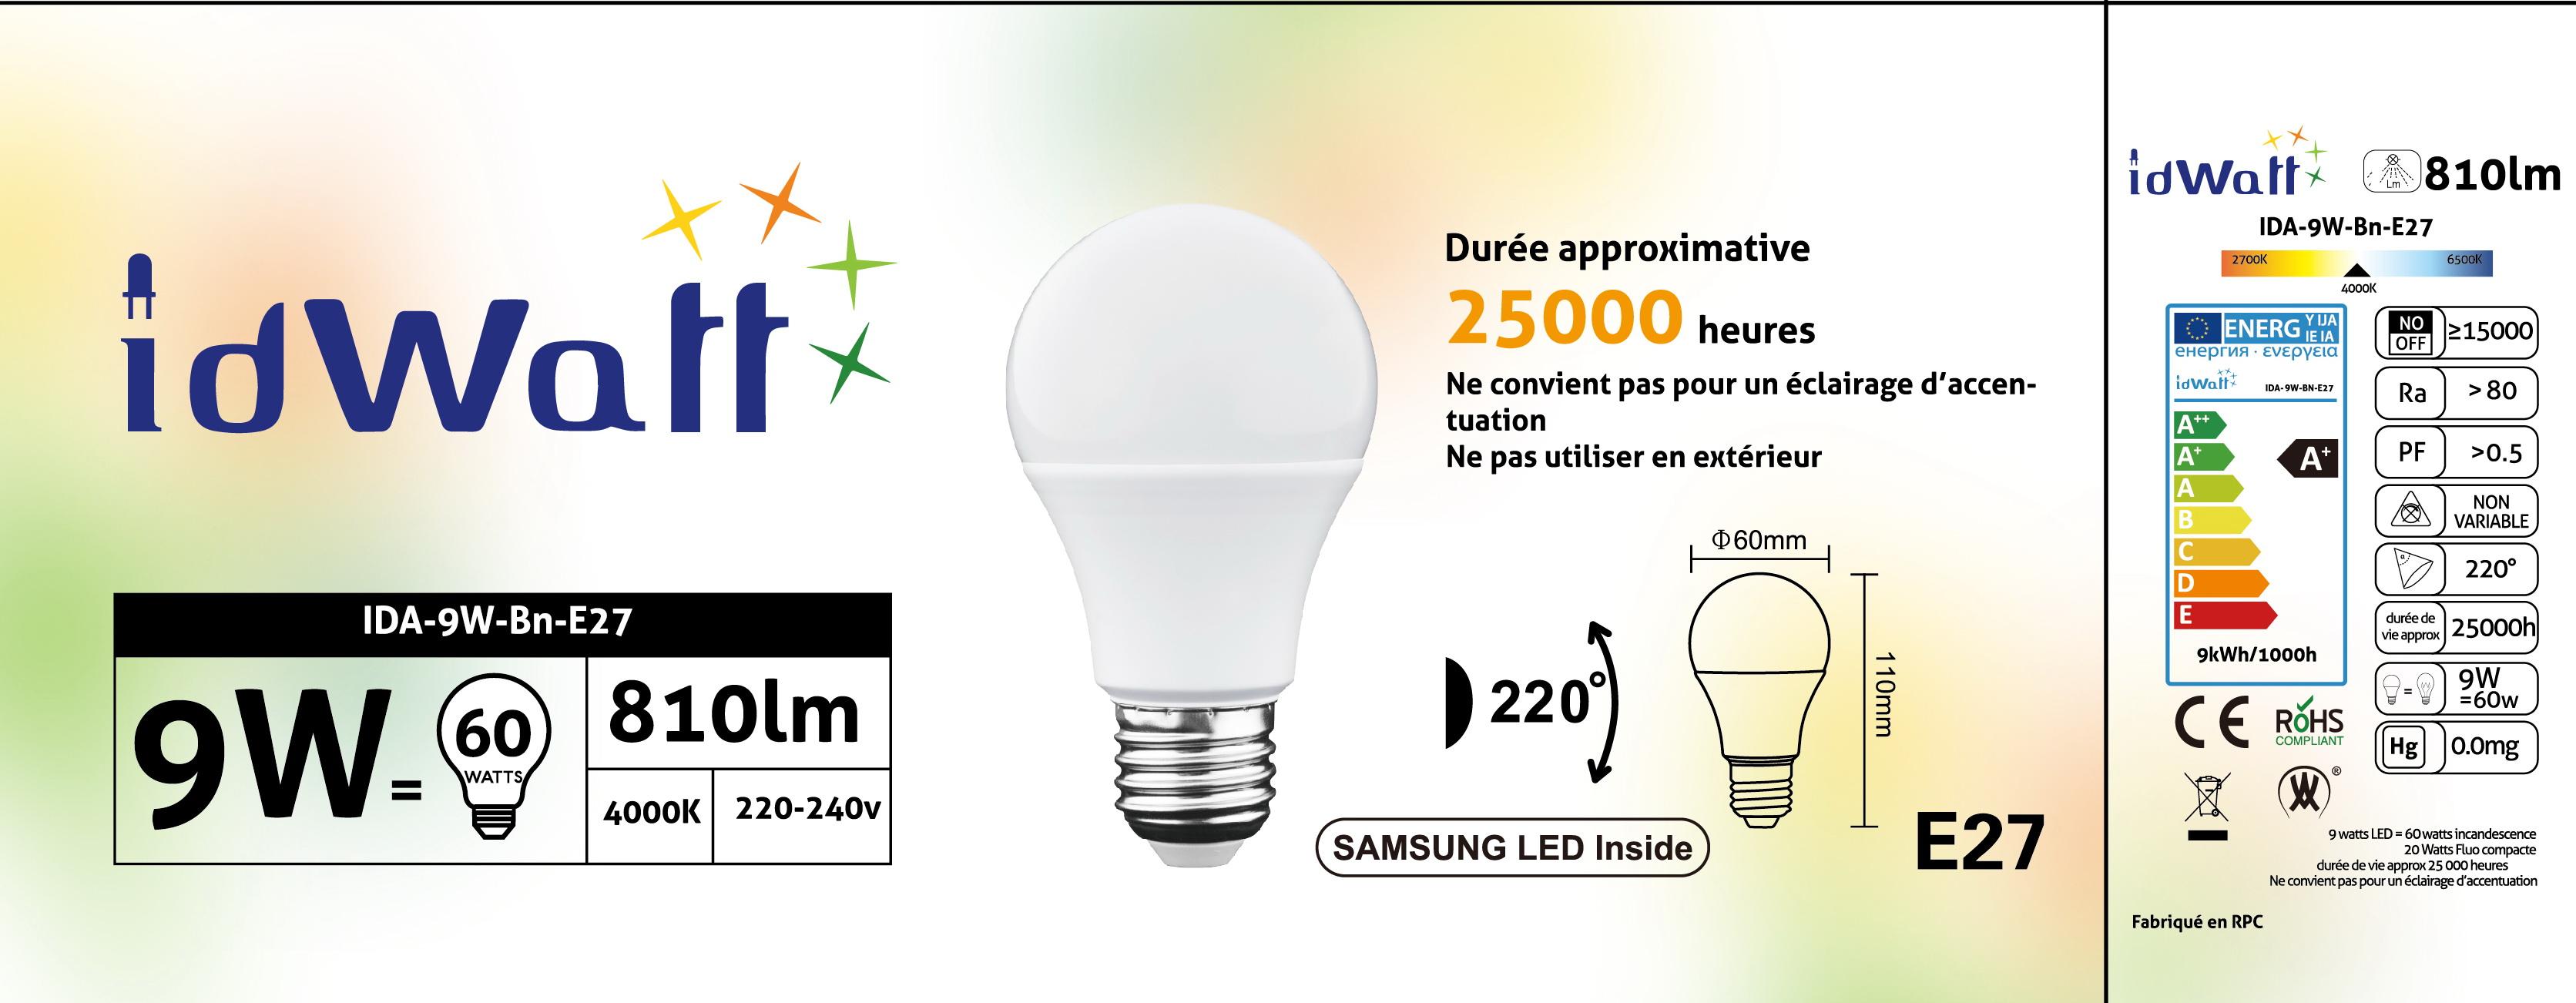 Ampoules led gratuites pour bailleurs sociaux cee certificat d 39 economie d 39 energie - Ampoules led gratuites gouvernement ...